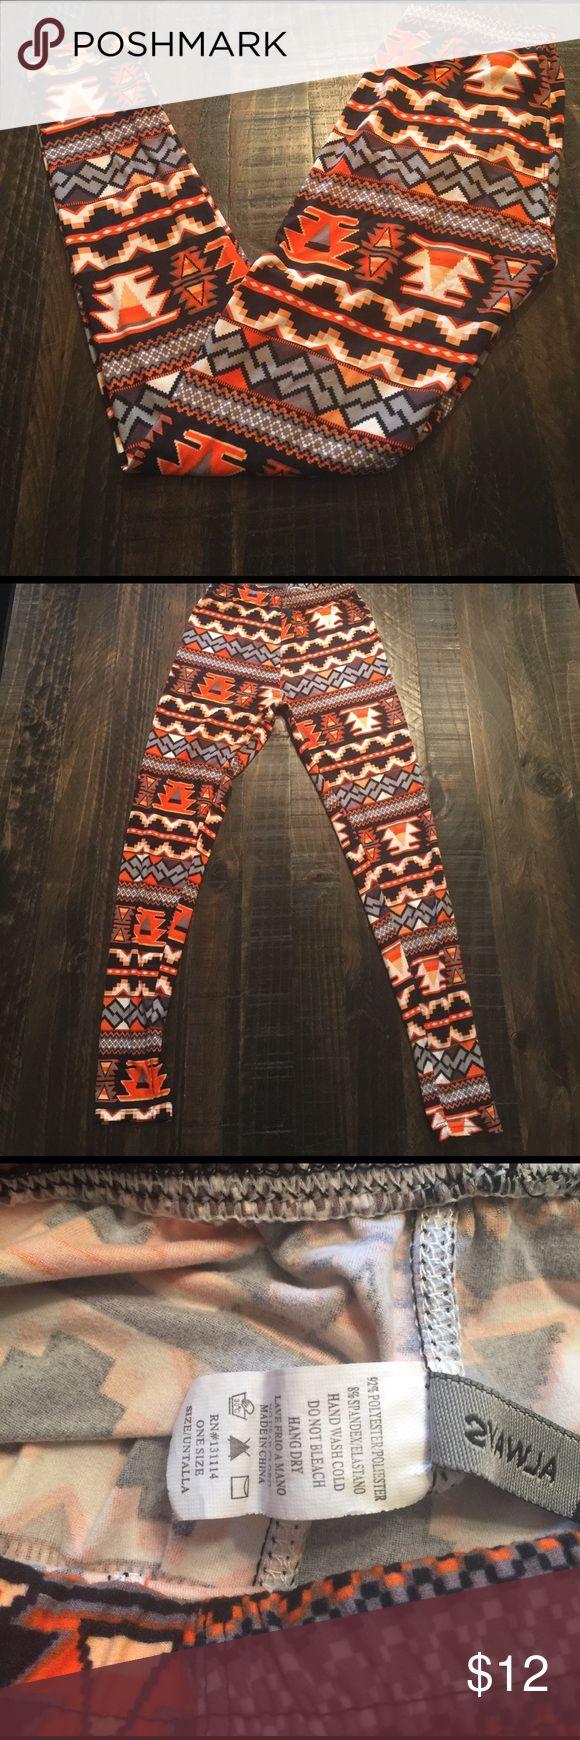 Aztec Print Leggings Super cute Aztec print leggings. NWOT, colorful, comfortable! Pants Leggings